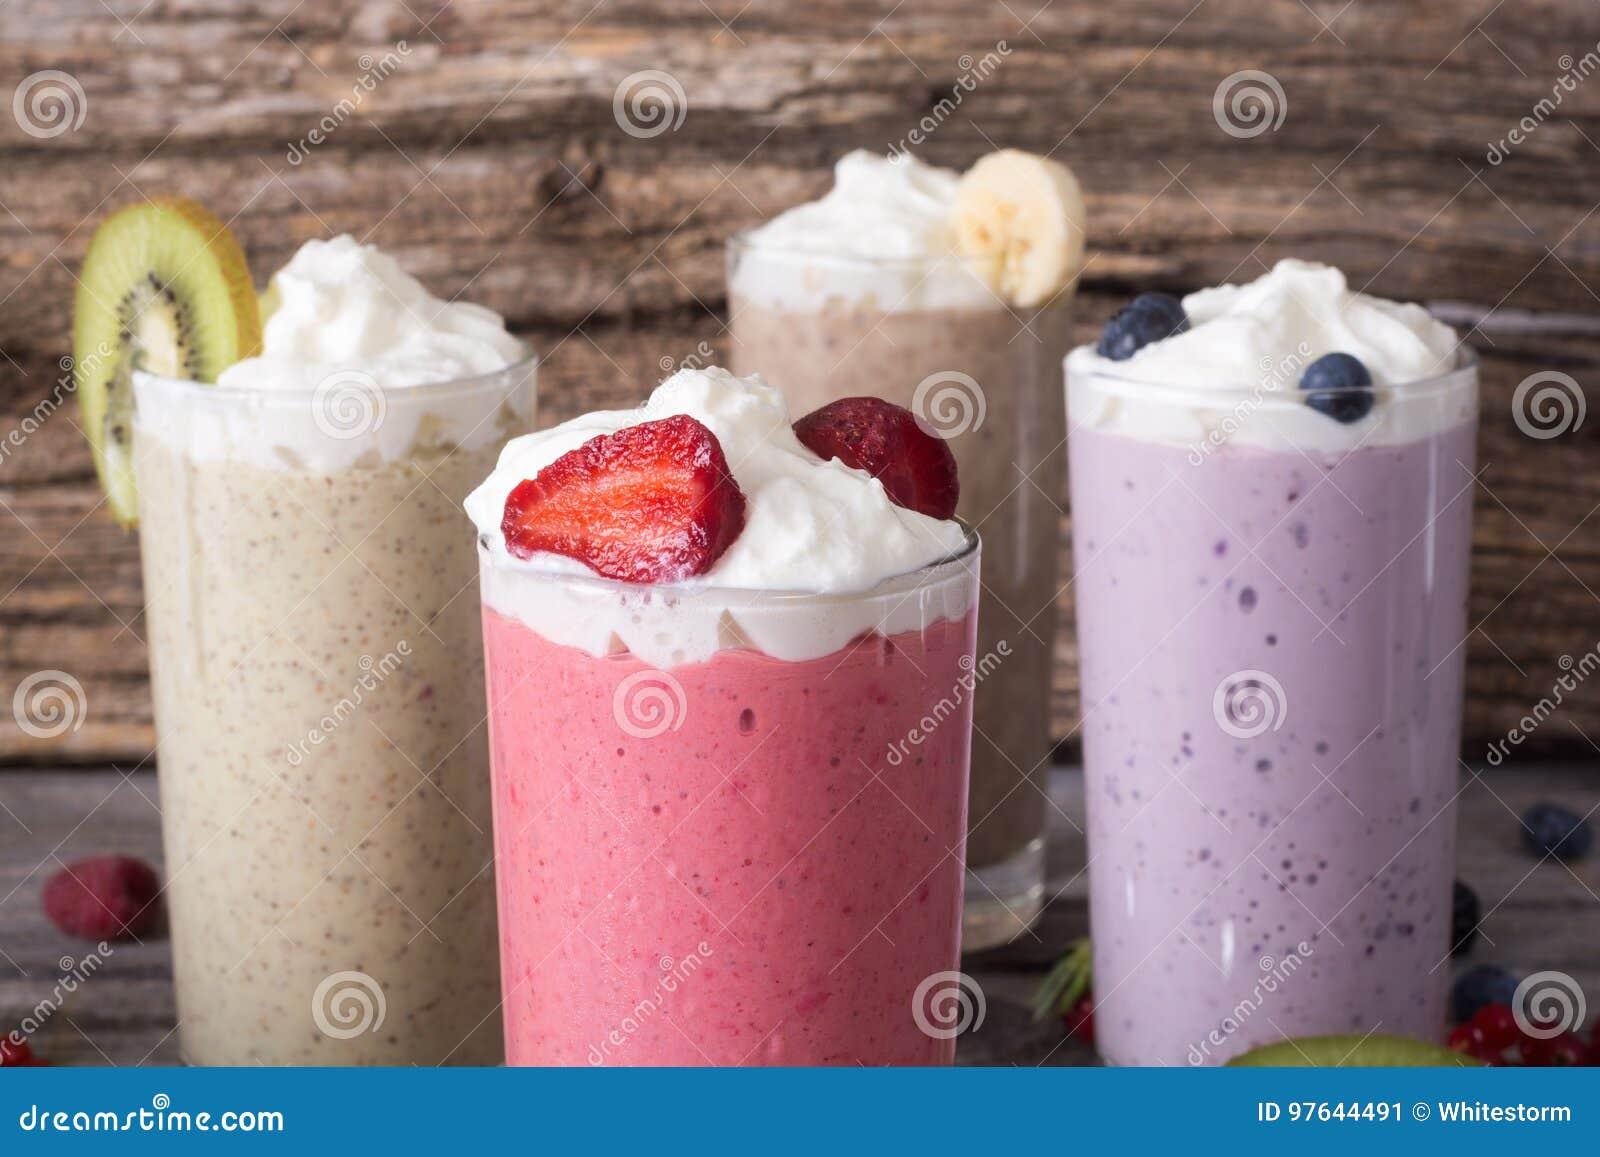 Молочный коктейль с ягодами